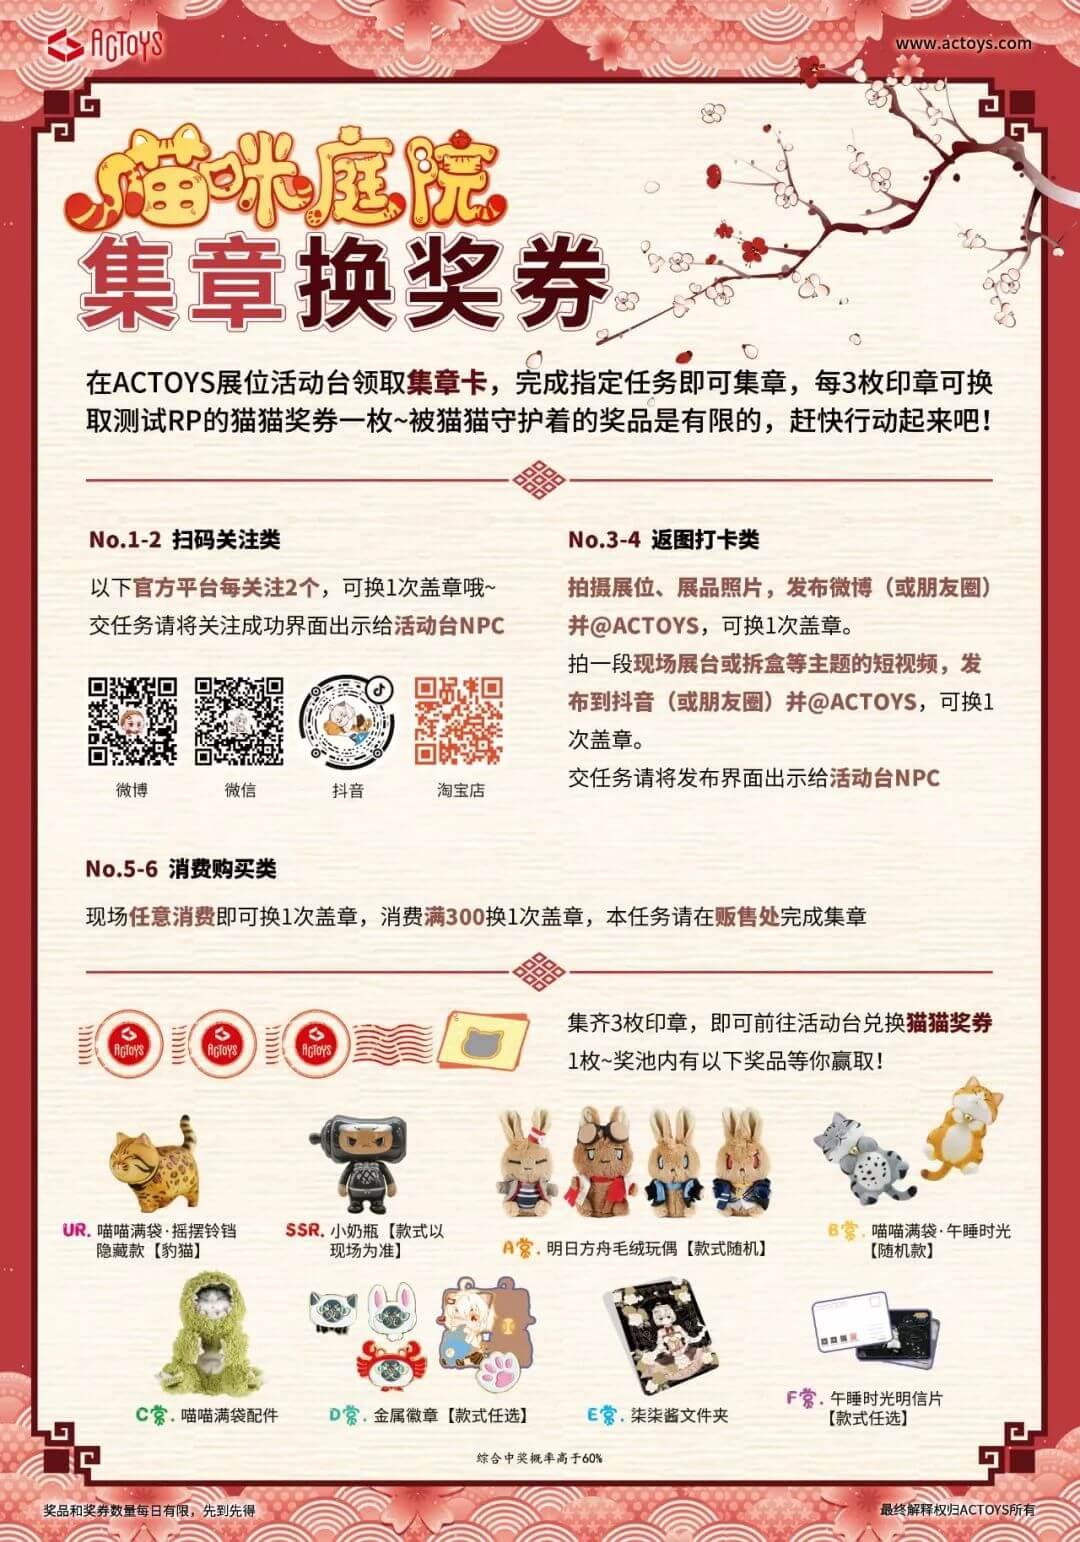 8.16~8.18北京国际潮流玩具展,ACTOYS展位限定品抢先看~-C3动漫网